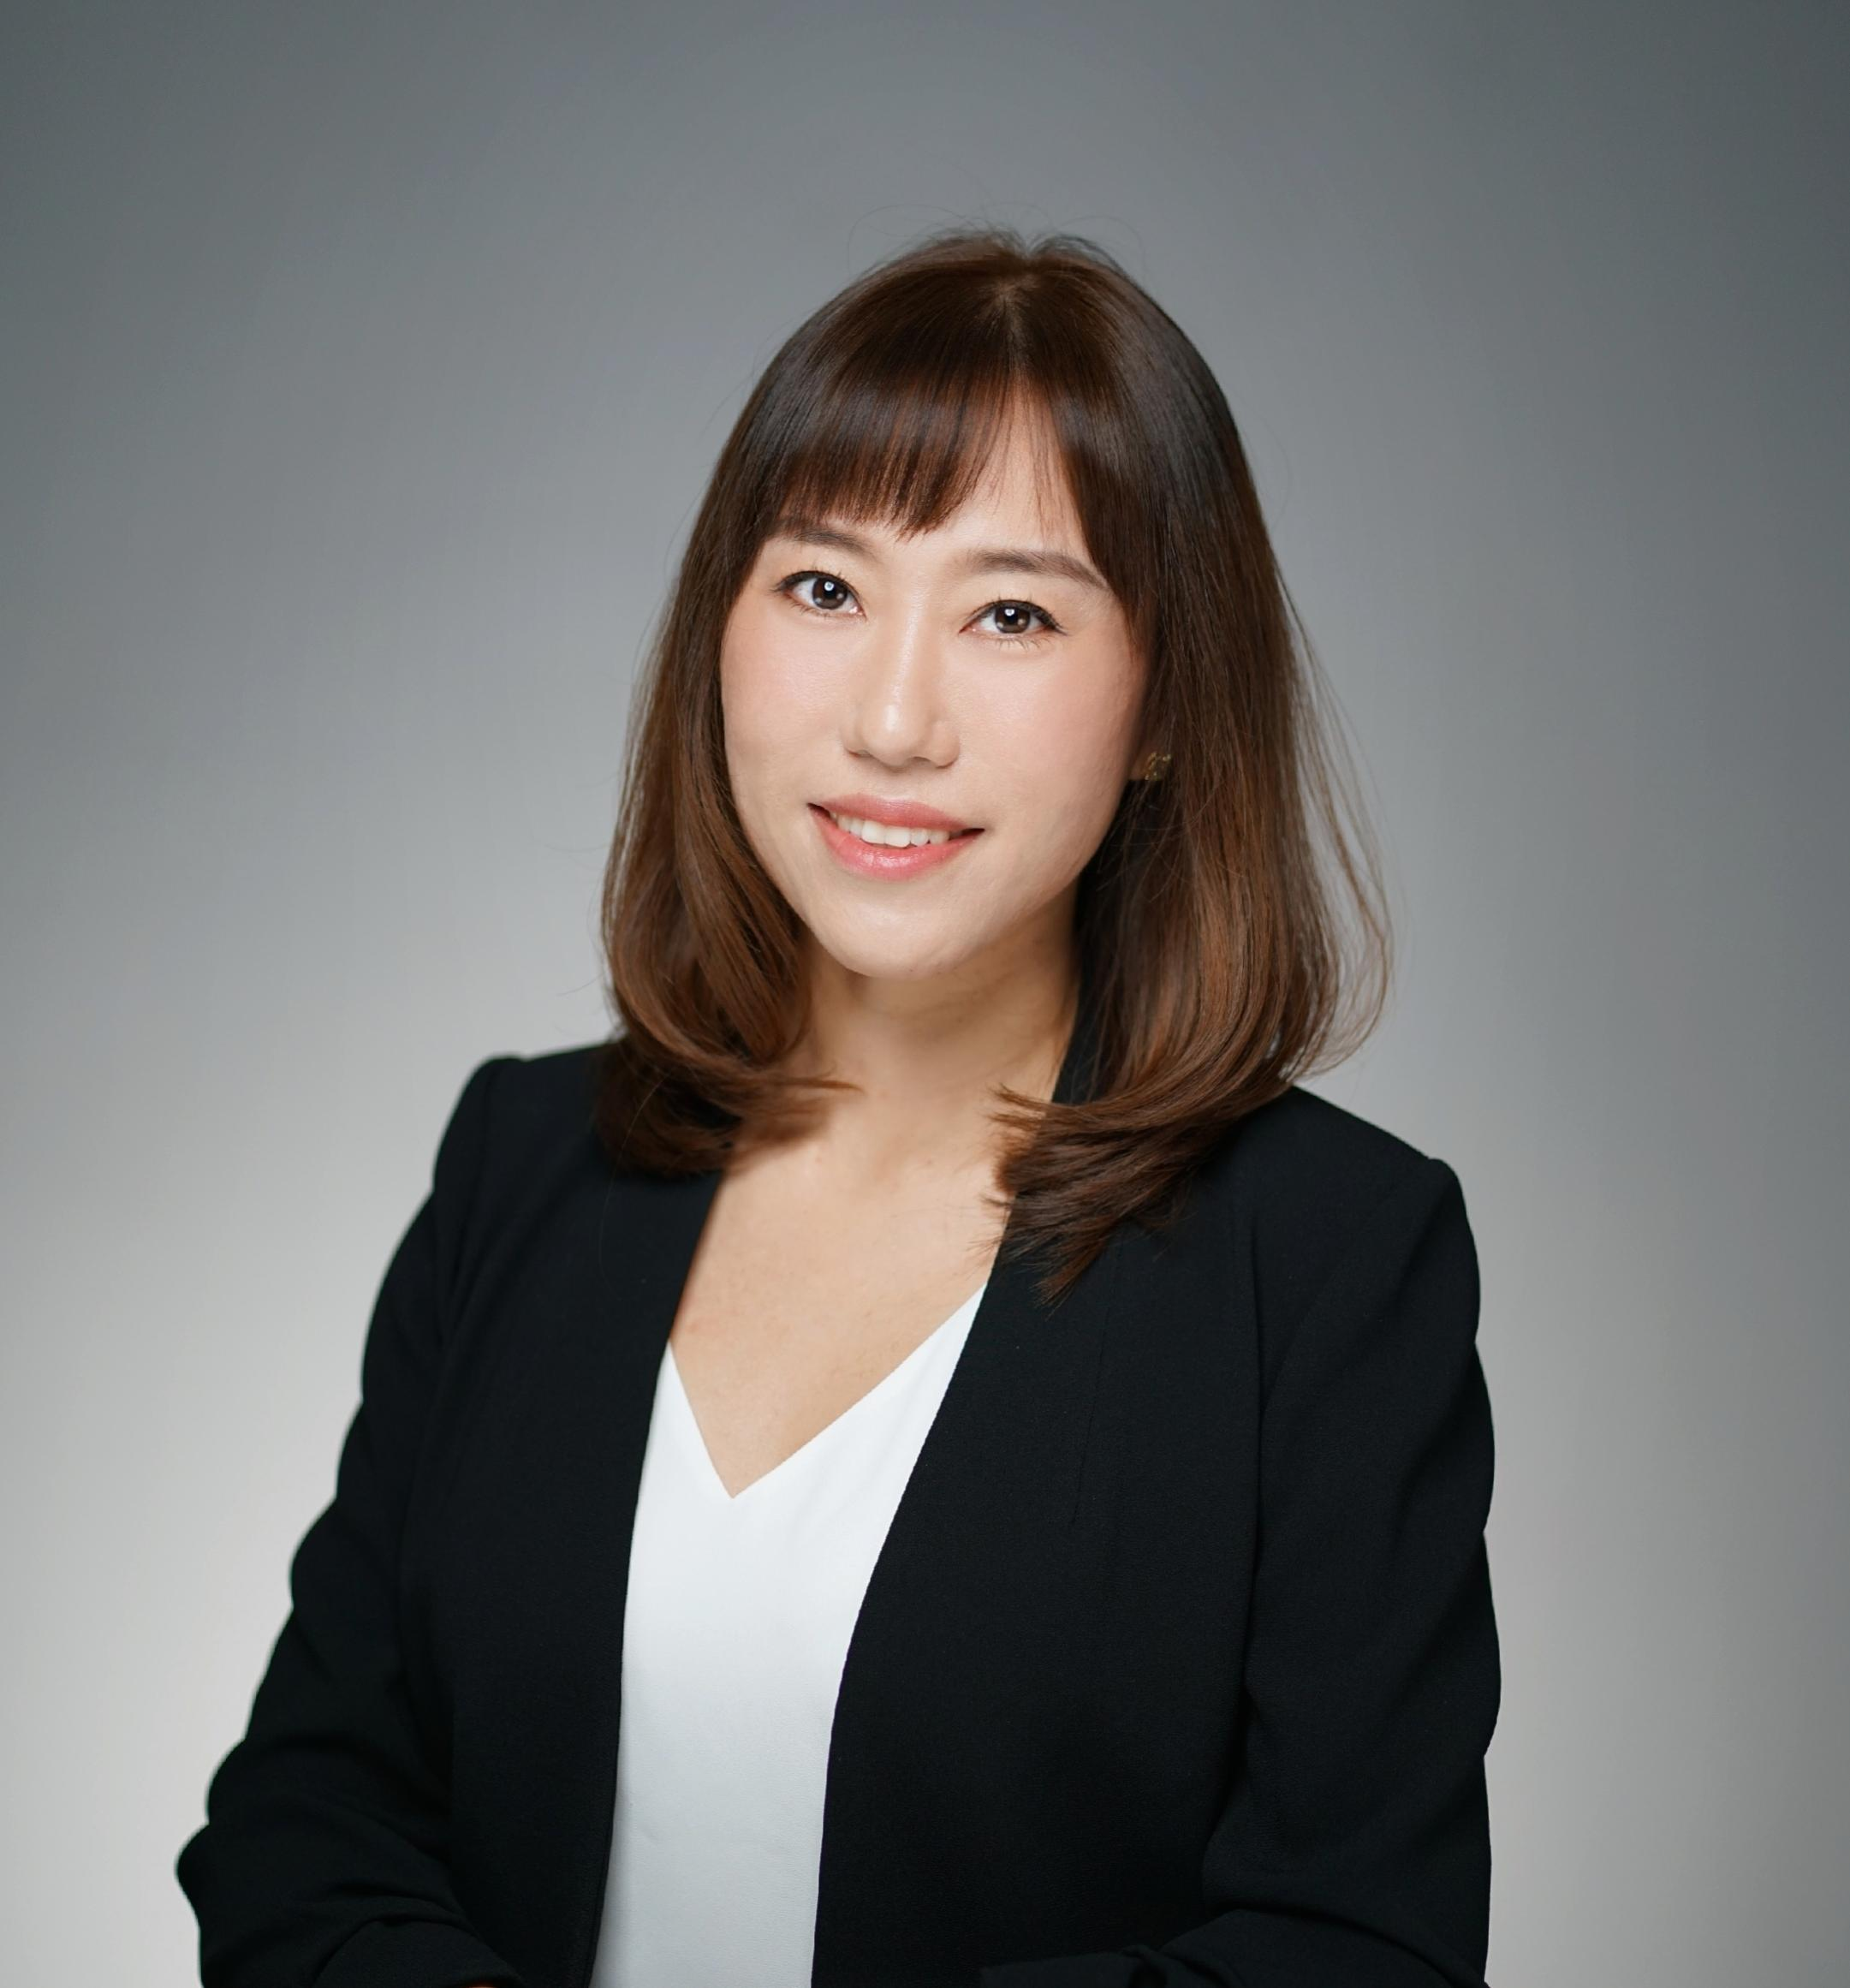 Sally Chen